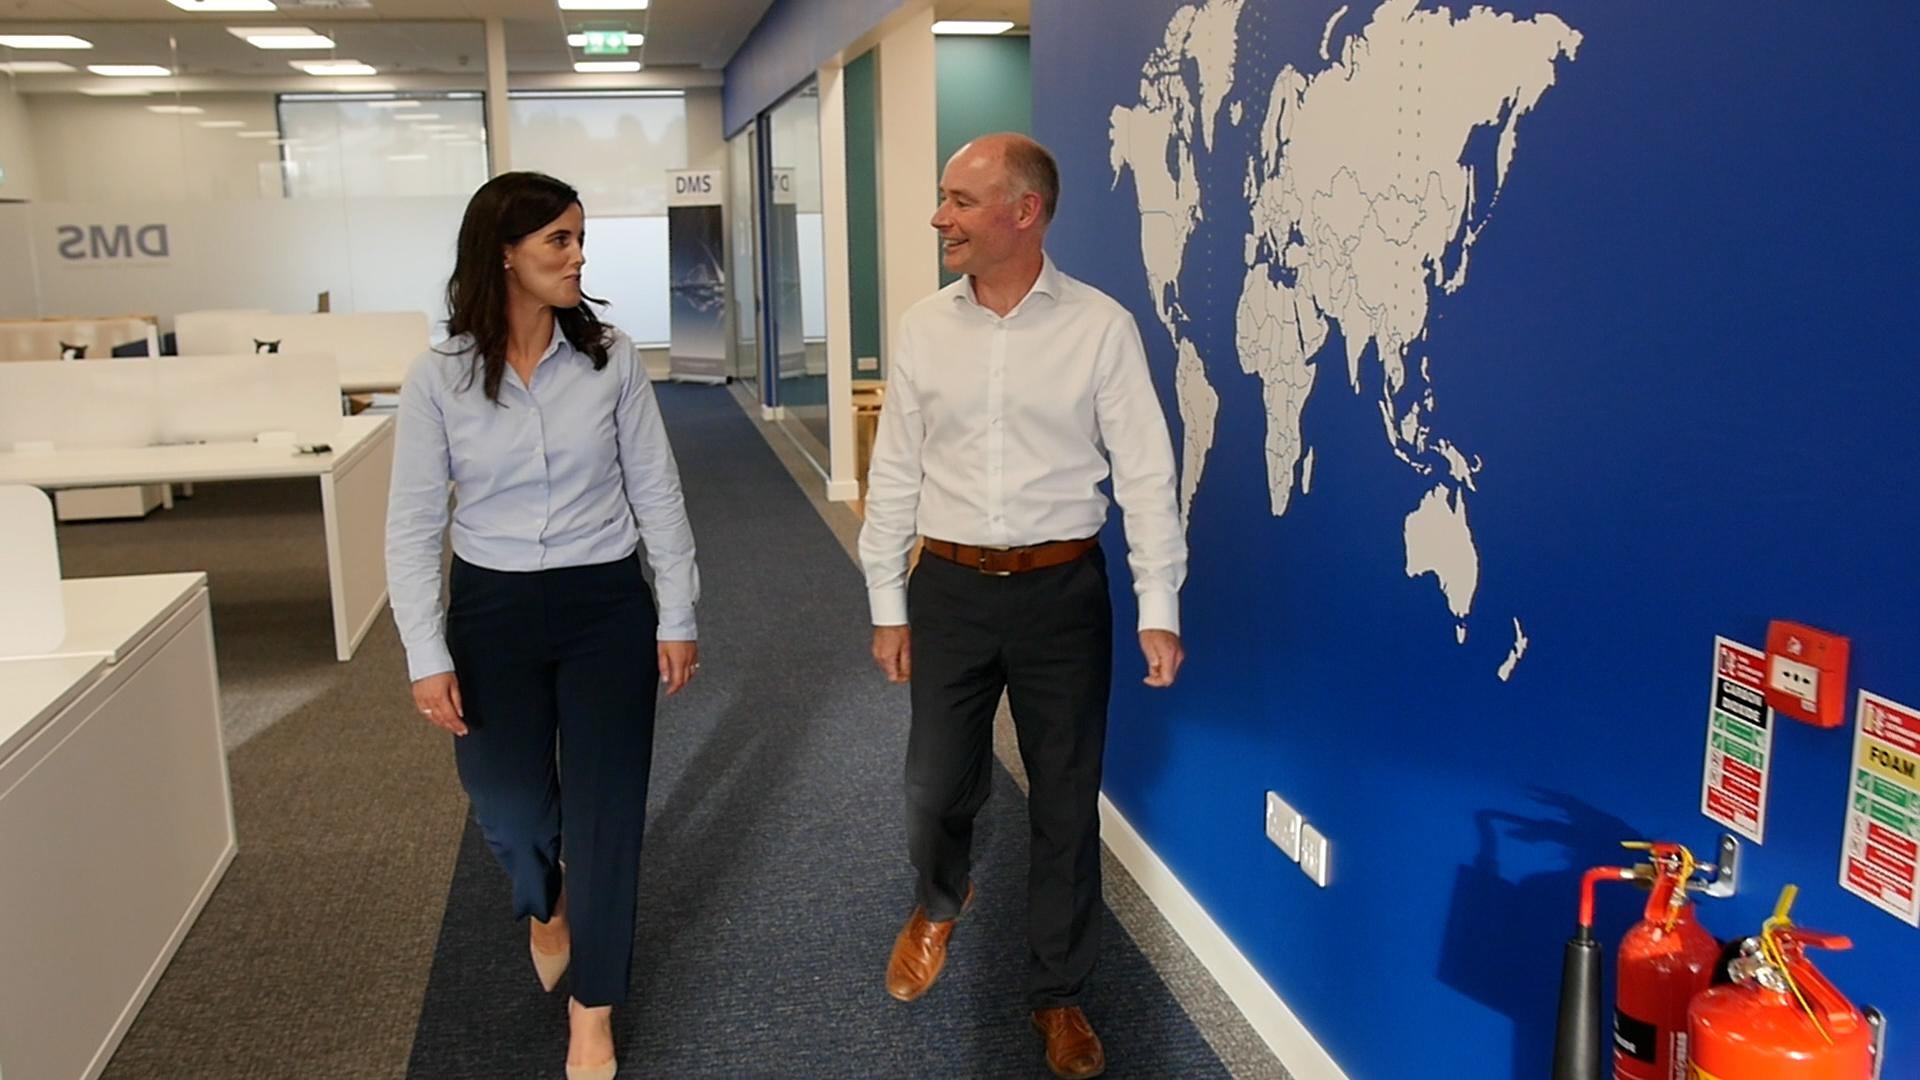 Niall McNamara & Patricia O'Connor